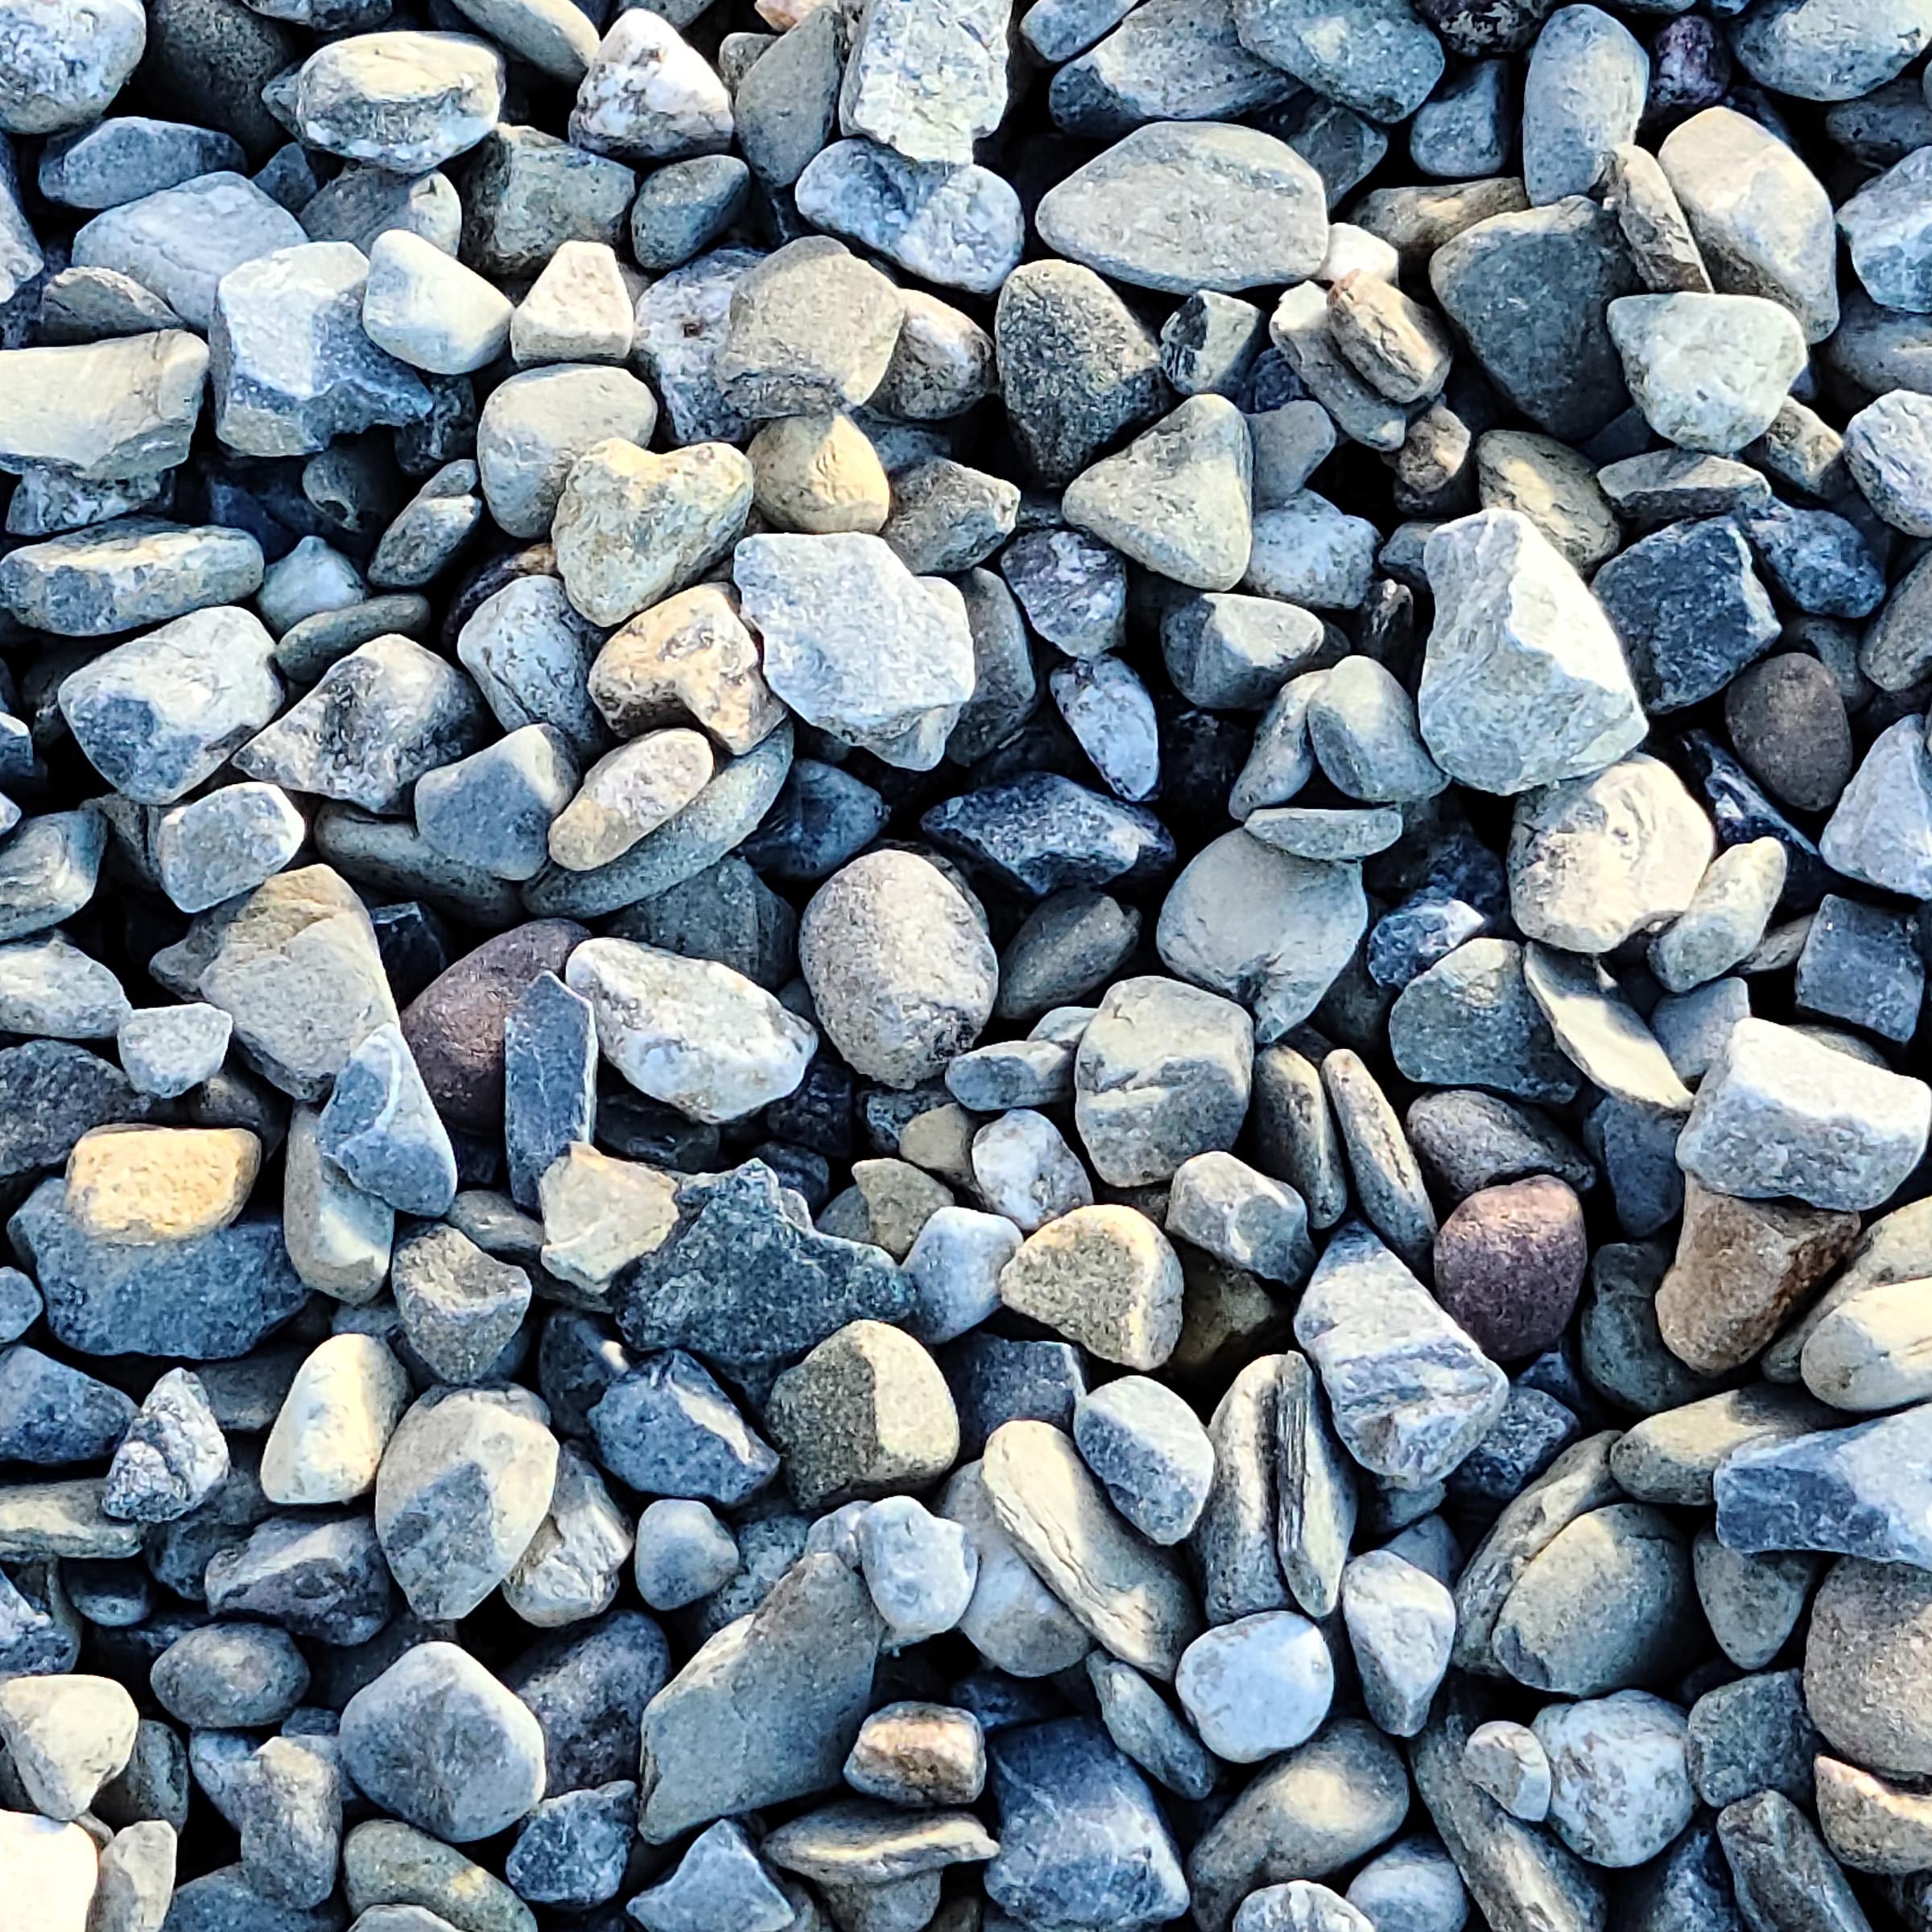 3/4 inch River Rocks in Delaware